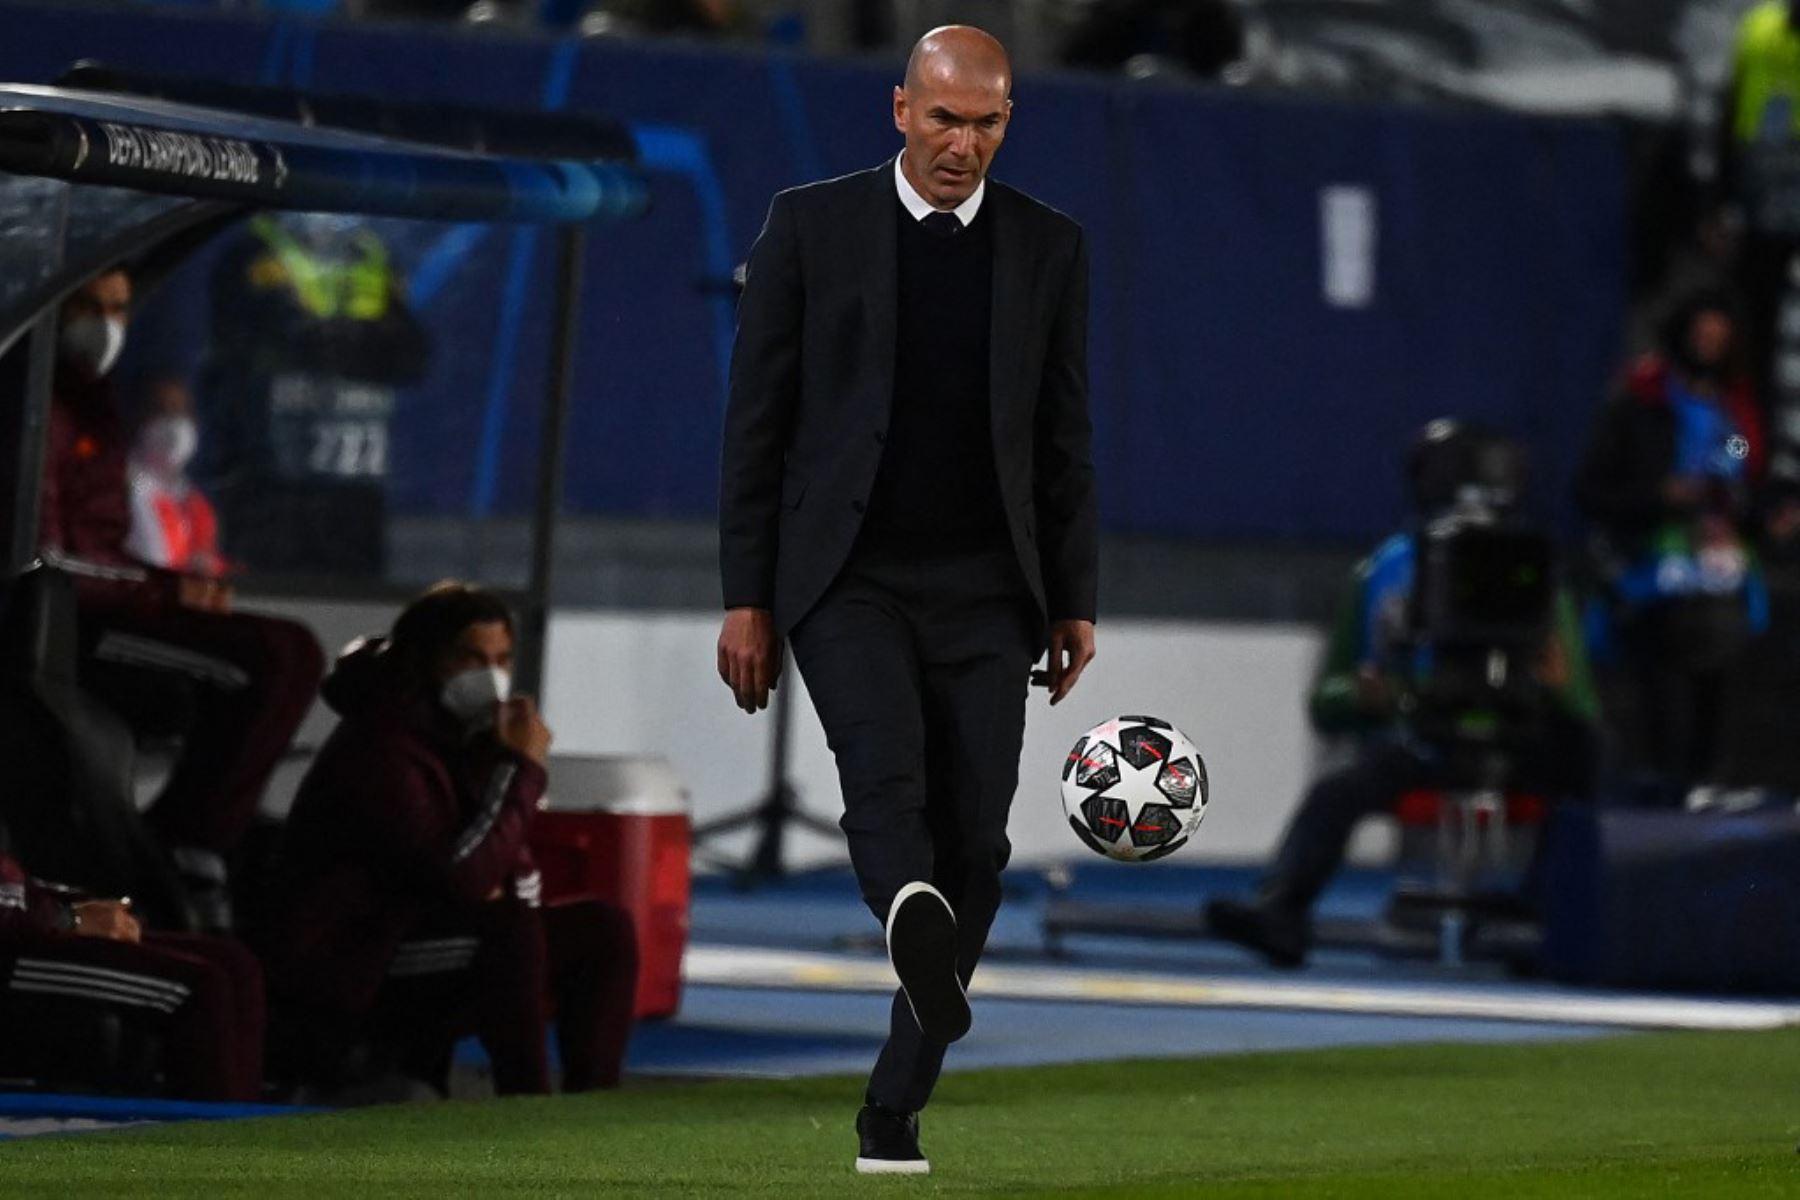 El técnico francés del Real Madrid, Zinedine Zidane, lanza el balón al terreno de juego durante el partido de ida de cuartos de final de la UEFA Champions League entre el Real Madrid y el Liverpool en el estadio Alfredo di Stefano de Valdebebas, en las afueras de Madrid.  Foto:AFP